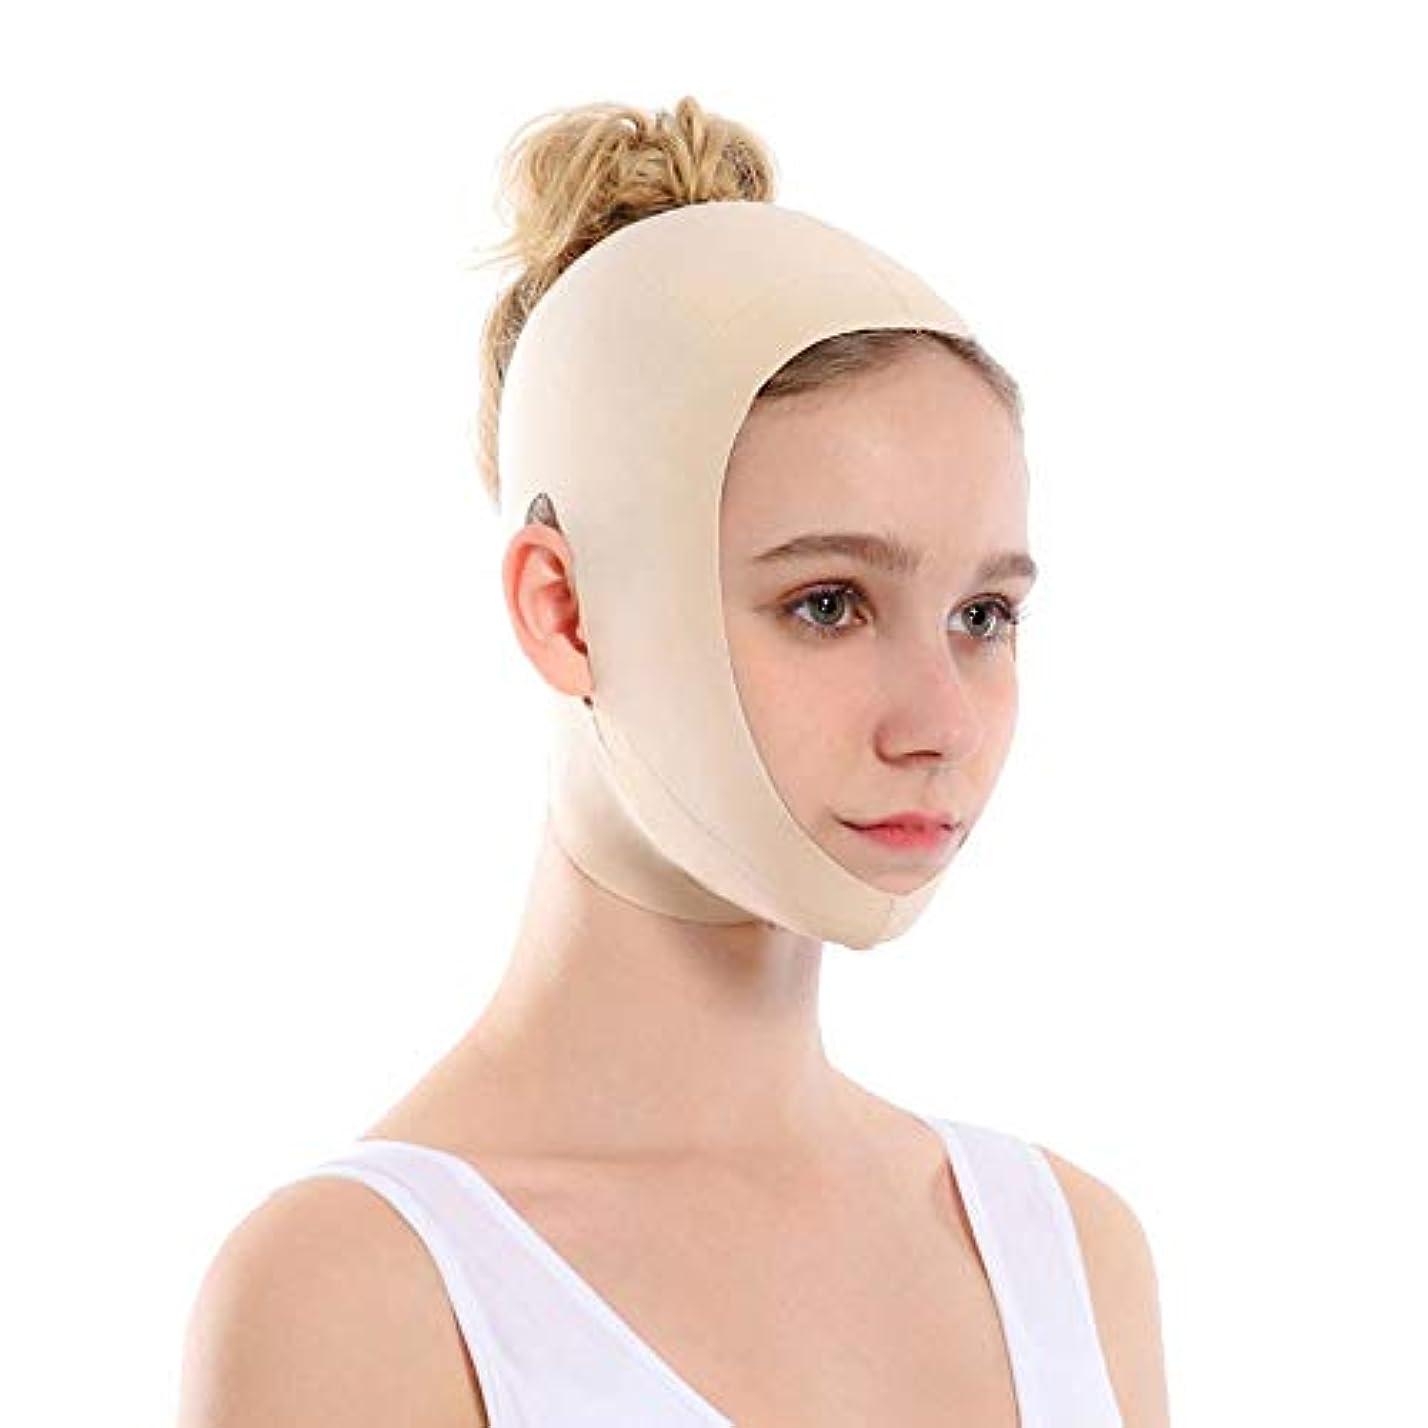 災難ソファー純度顔を持ち上げるアーティファクトVフェイス包帯リフティング引き締め睡眠薄い顔を整形持ち上げる顔を二重あご矯正 - 肌の色